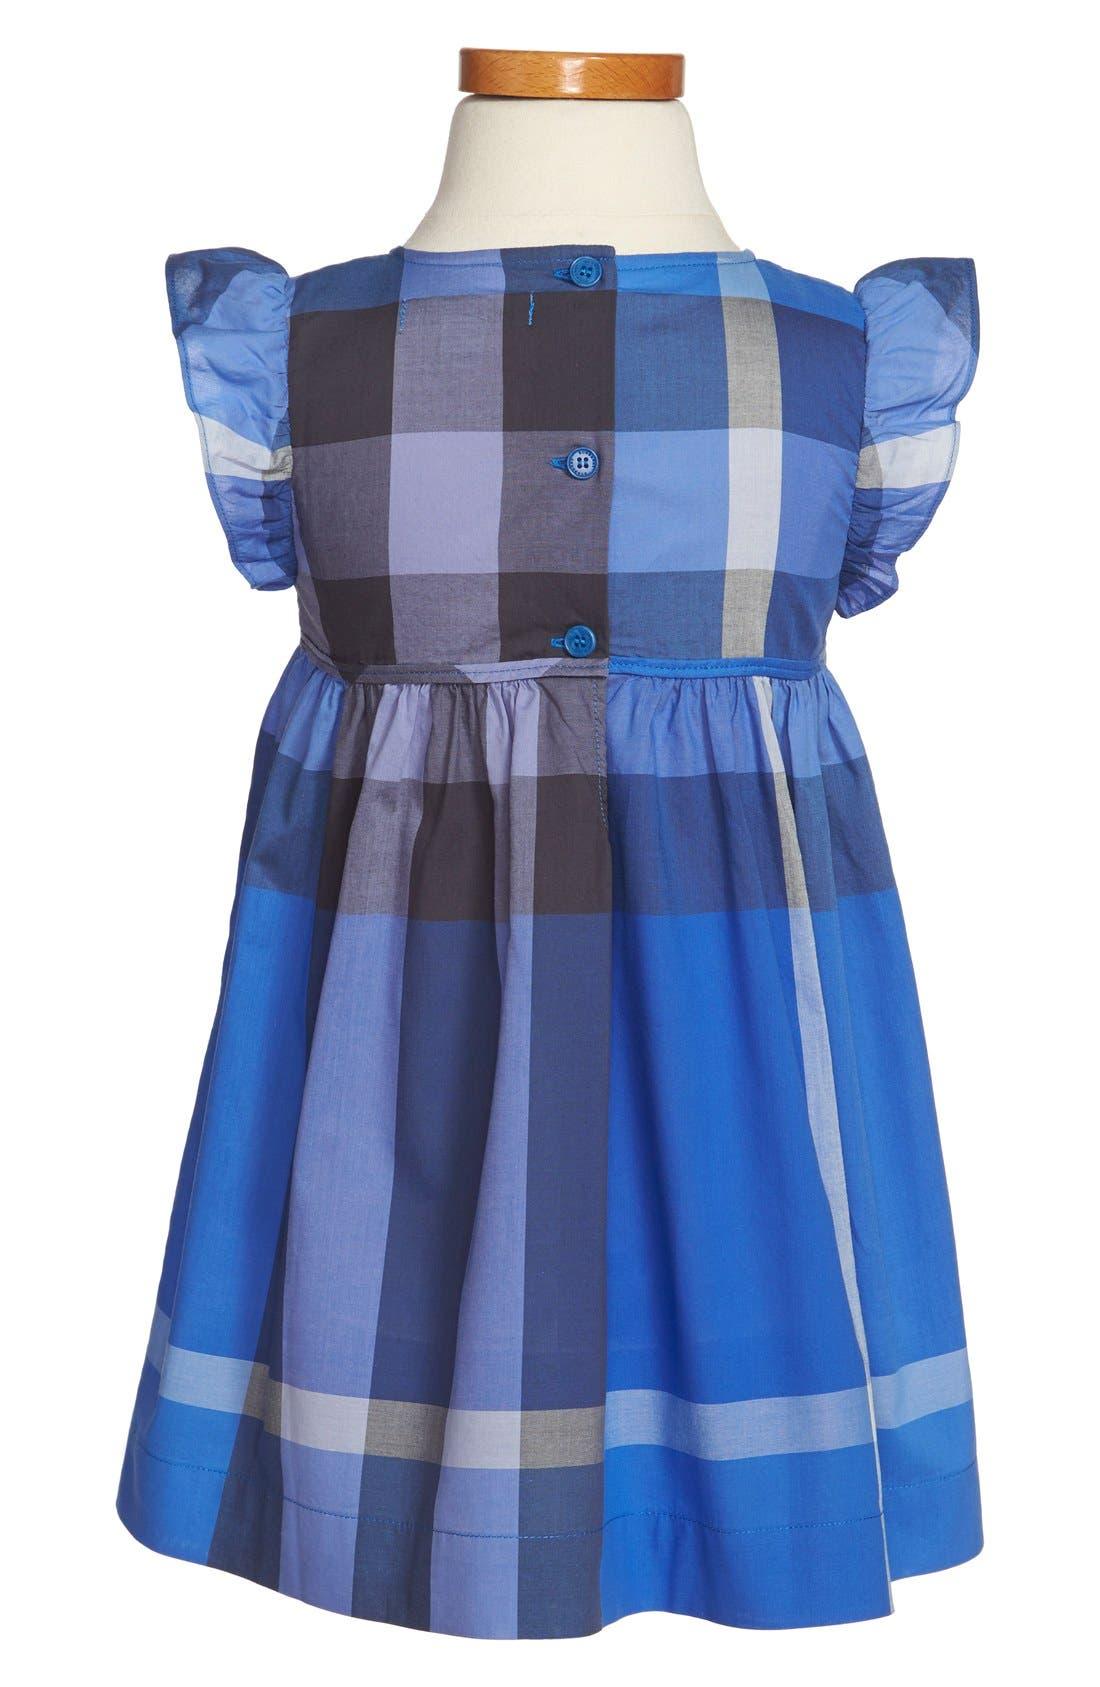 Alternate Image 2  - Burberry Flutter Sleeve Dress (Toddler Girls)